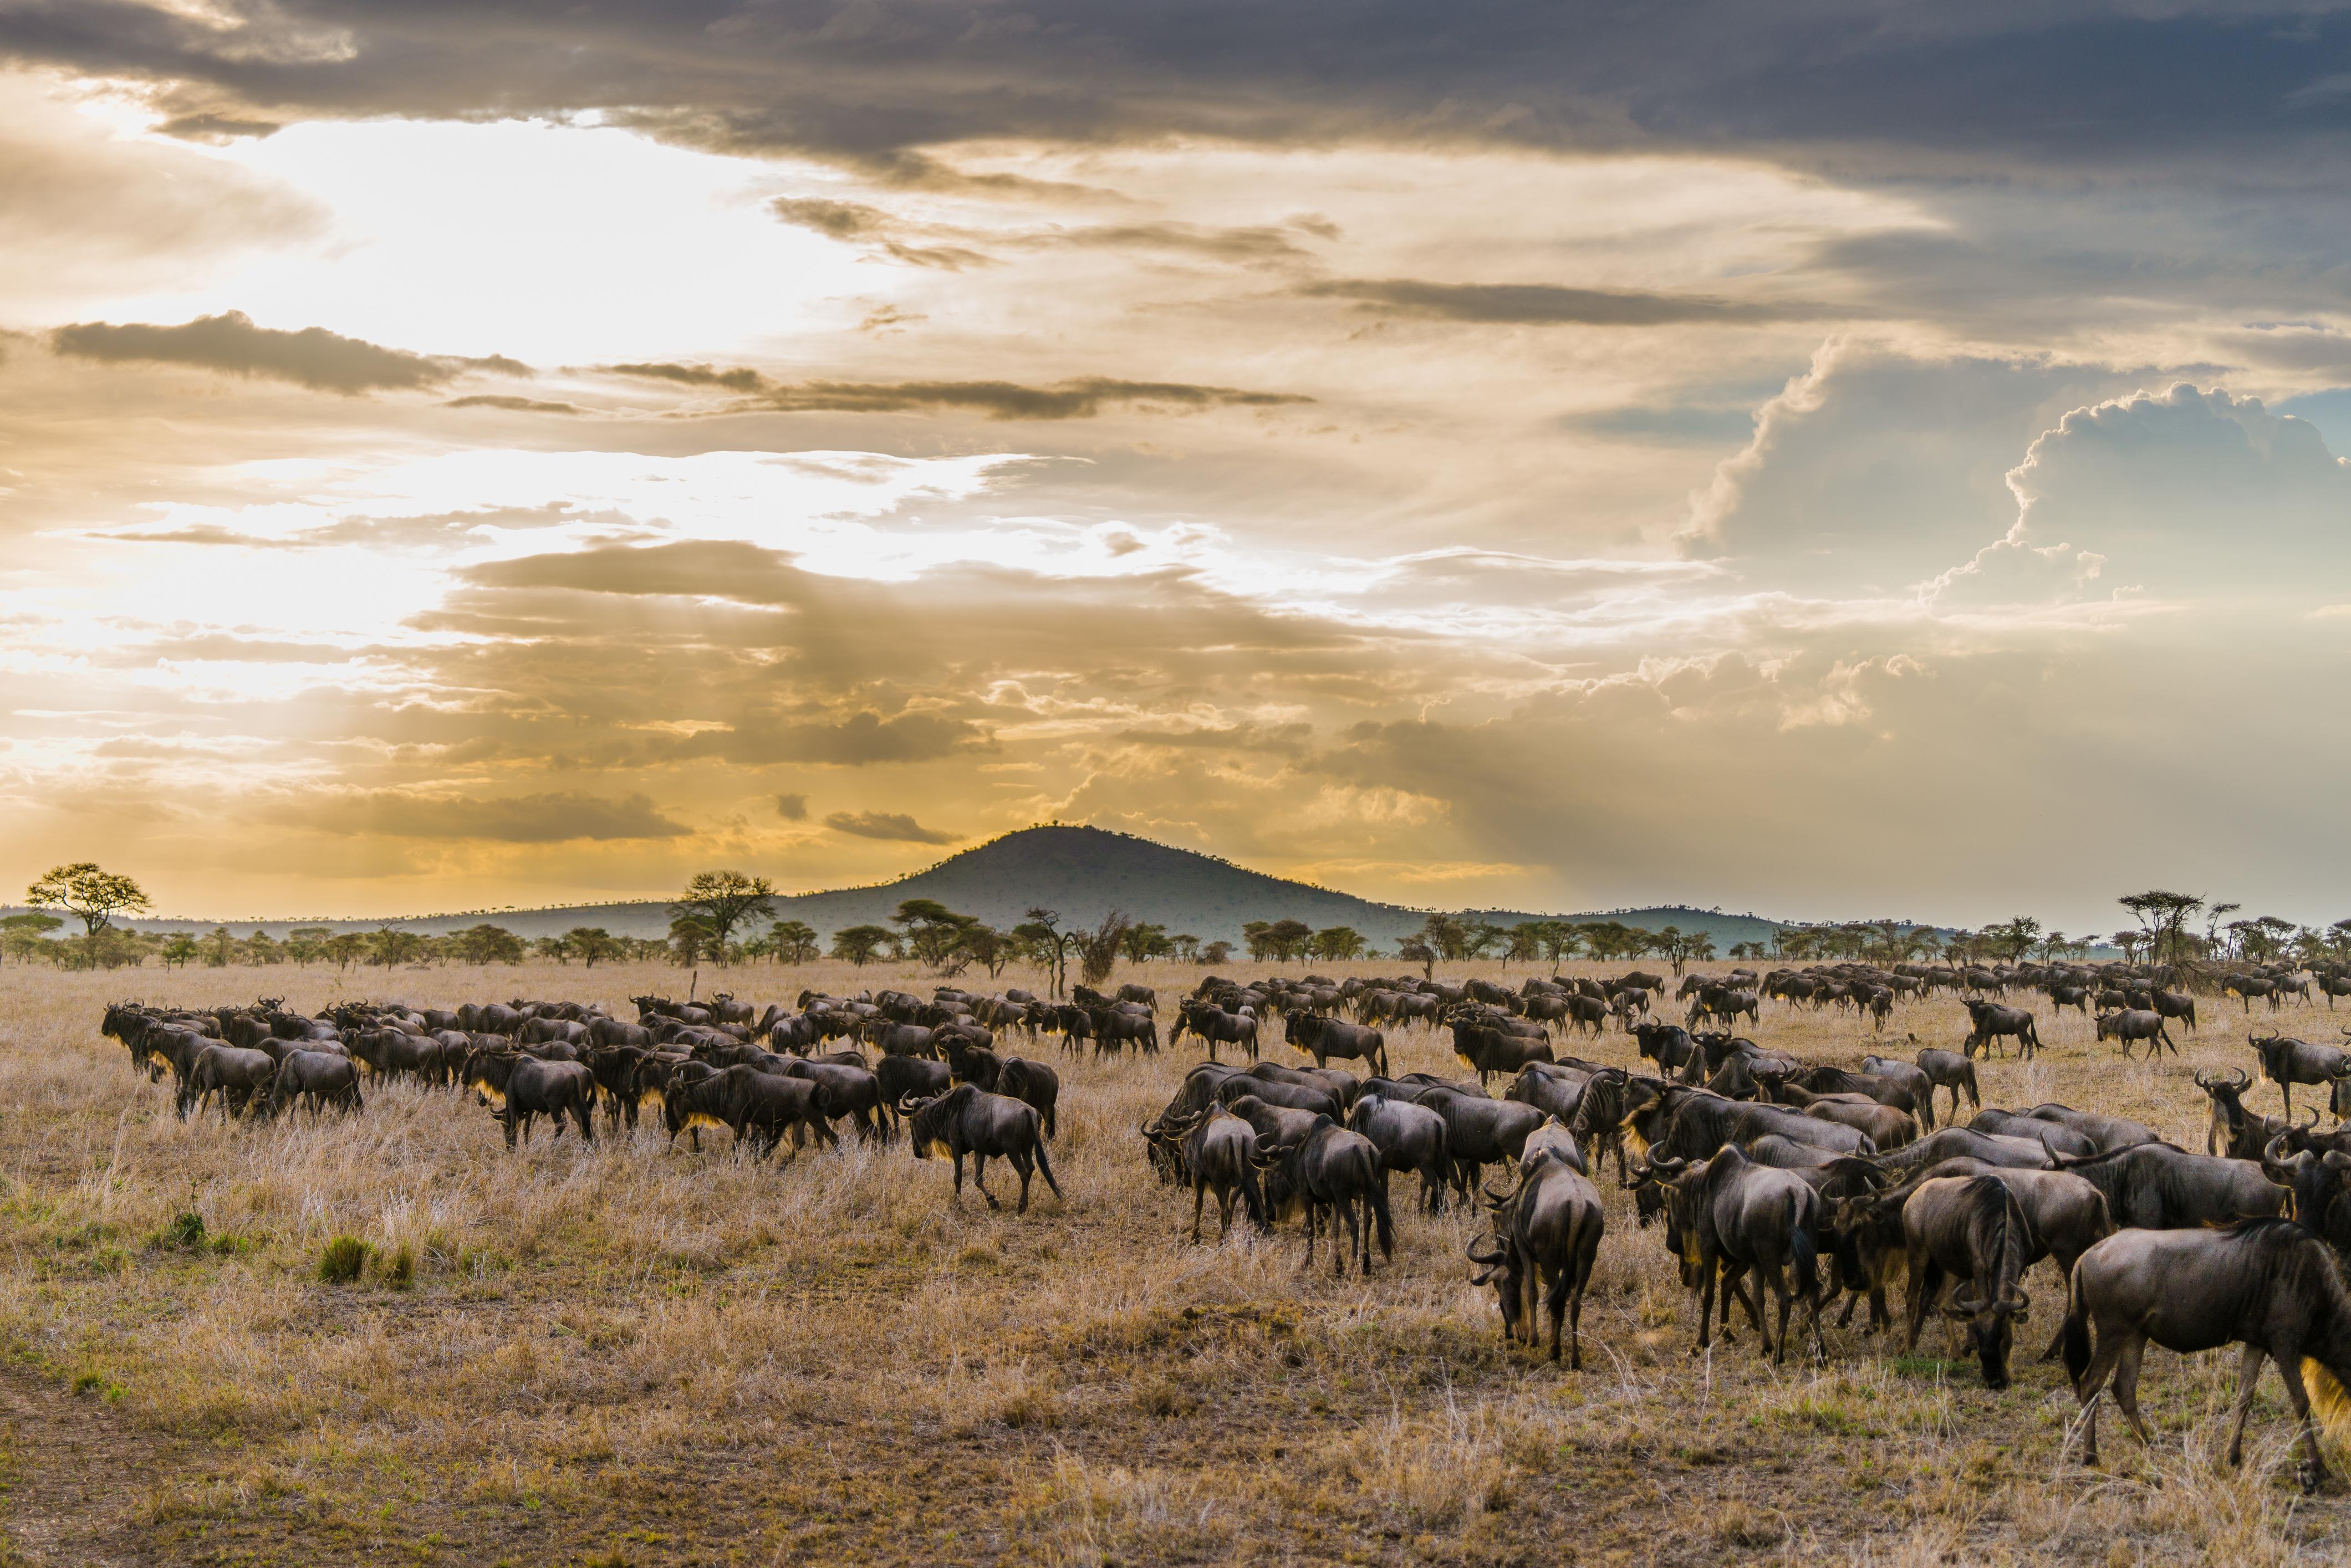 Serengeti-wildebeest-migration.jpg#asset:114313